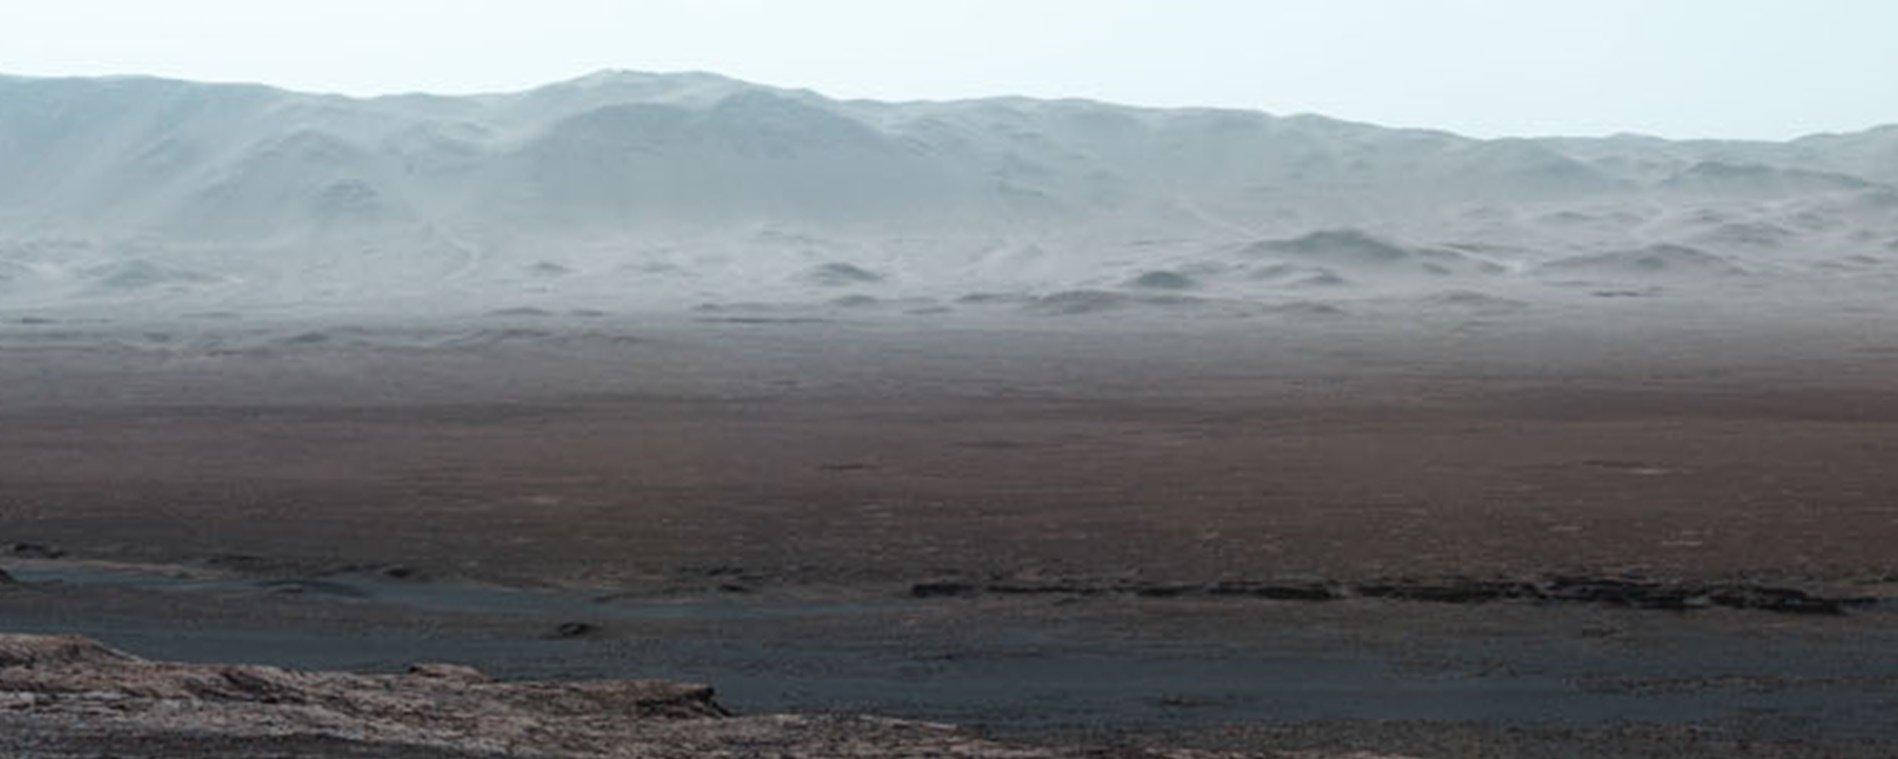 """Curiosity captura imagem panorâmica de um """"vale"""" inteiro em Marte; confira"""